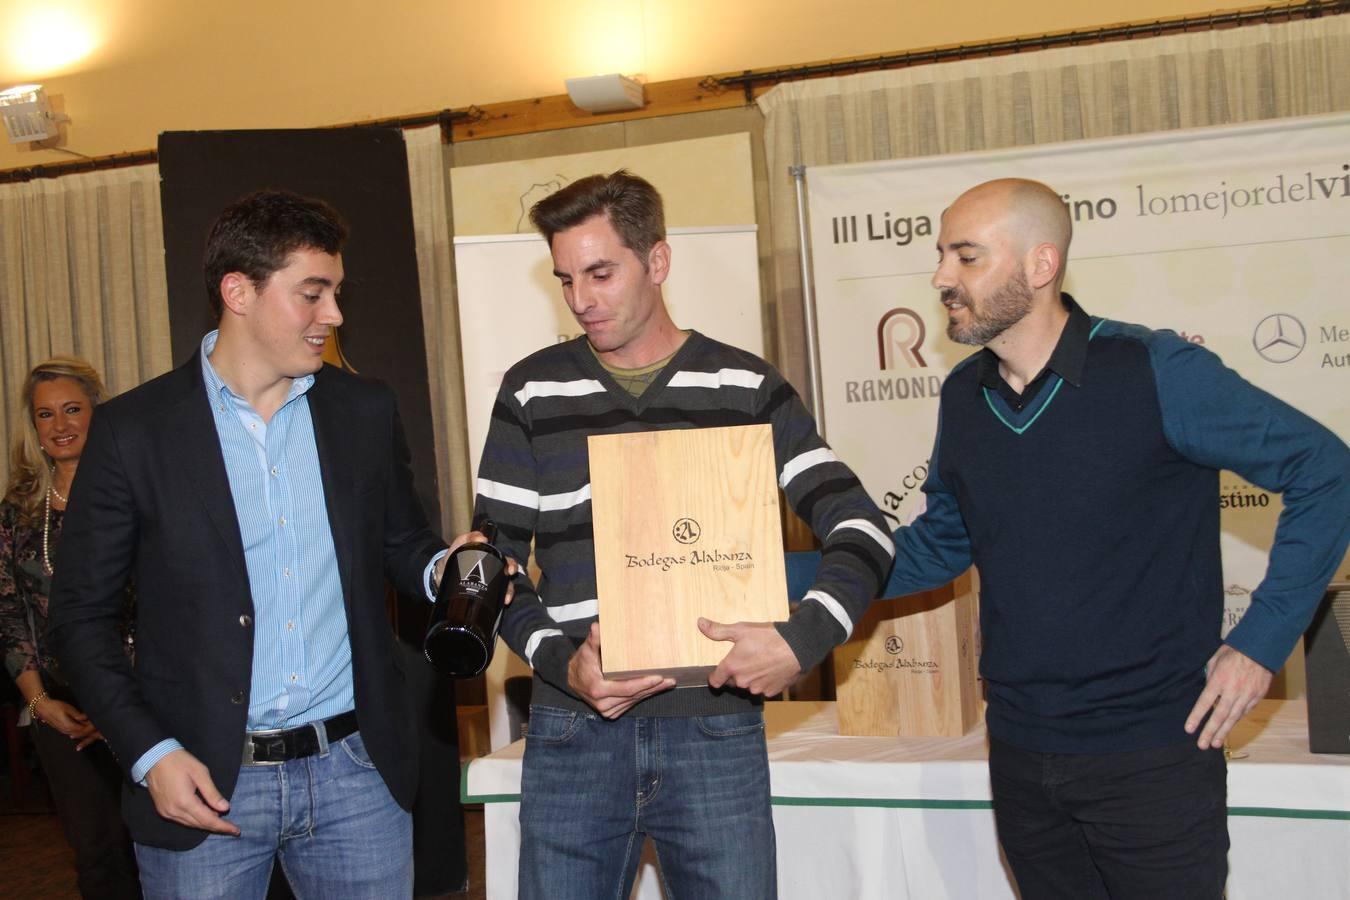 Torneo Bodegas Alabanza (Entrega de premios II)